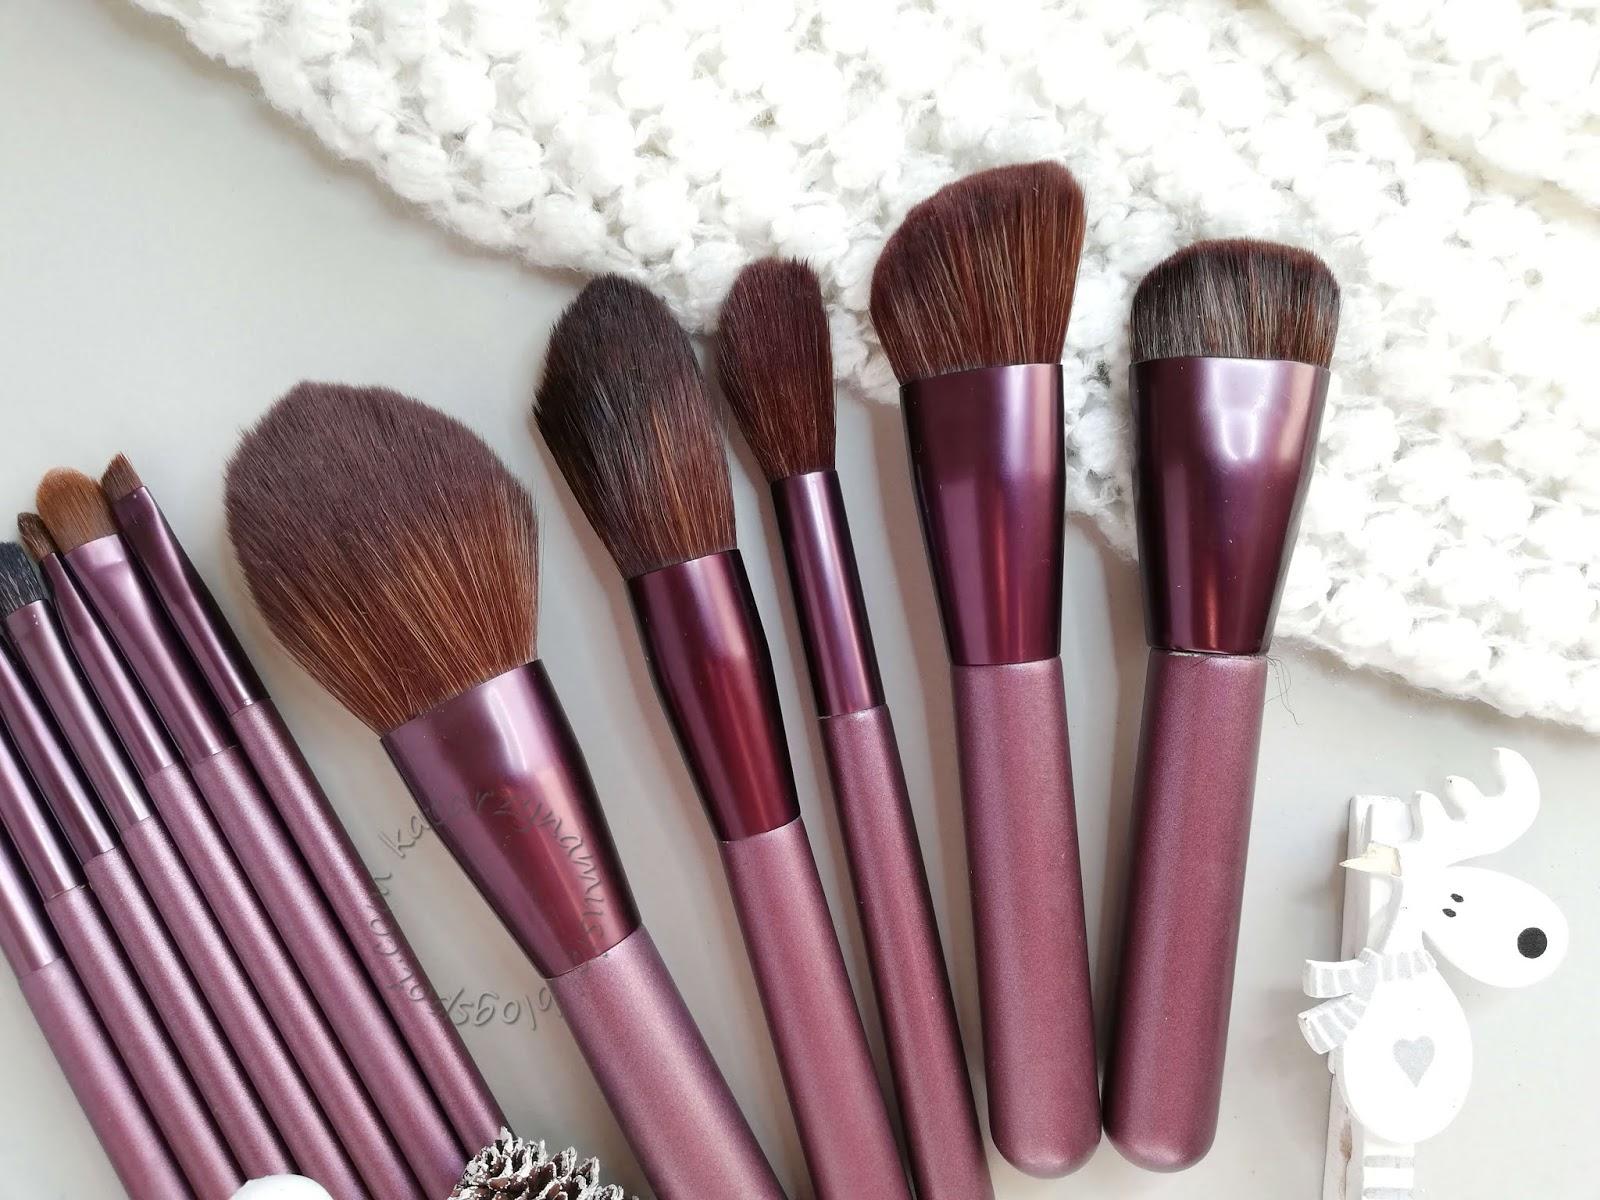 Fioletowy zestaw miękkich pędzli do makijażu z Aliexpress